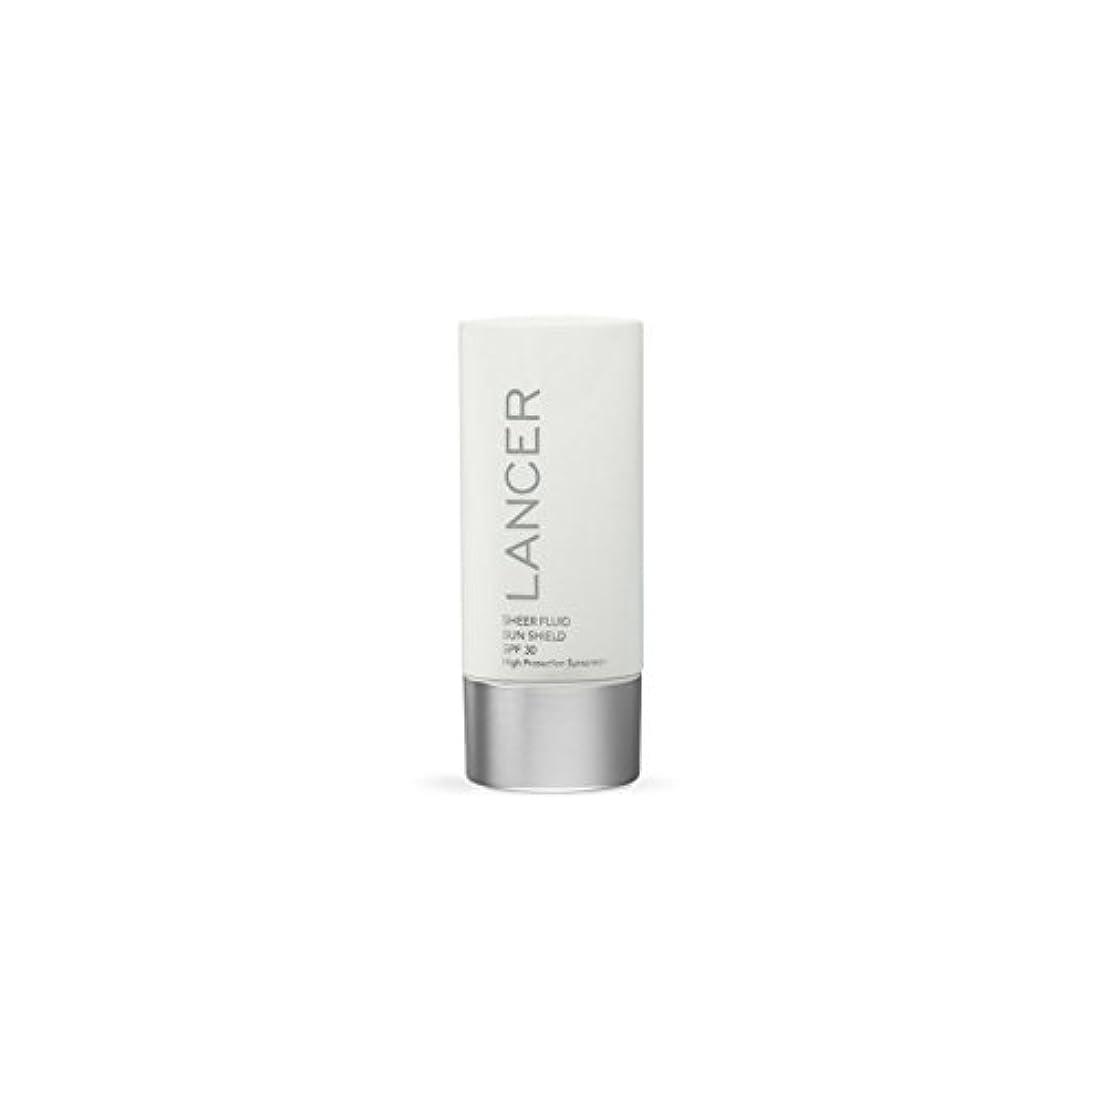 ベックス回復アクセスLancer Skincare Sheer Fluid Sun Shield Spf 30 (60ml) (Pack of 6) - ランサースキンケア切り立った流体サンシールド 30(60ミリリットル) x6 [並行輸入品]